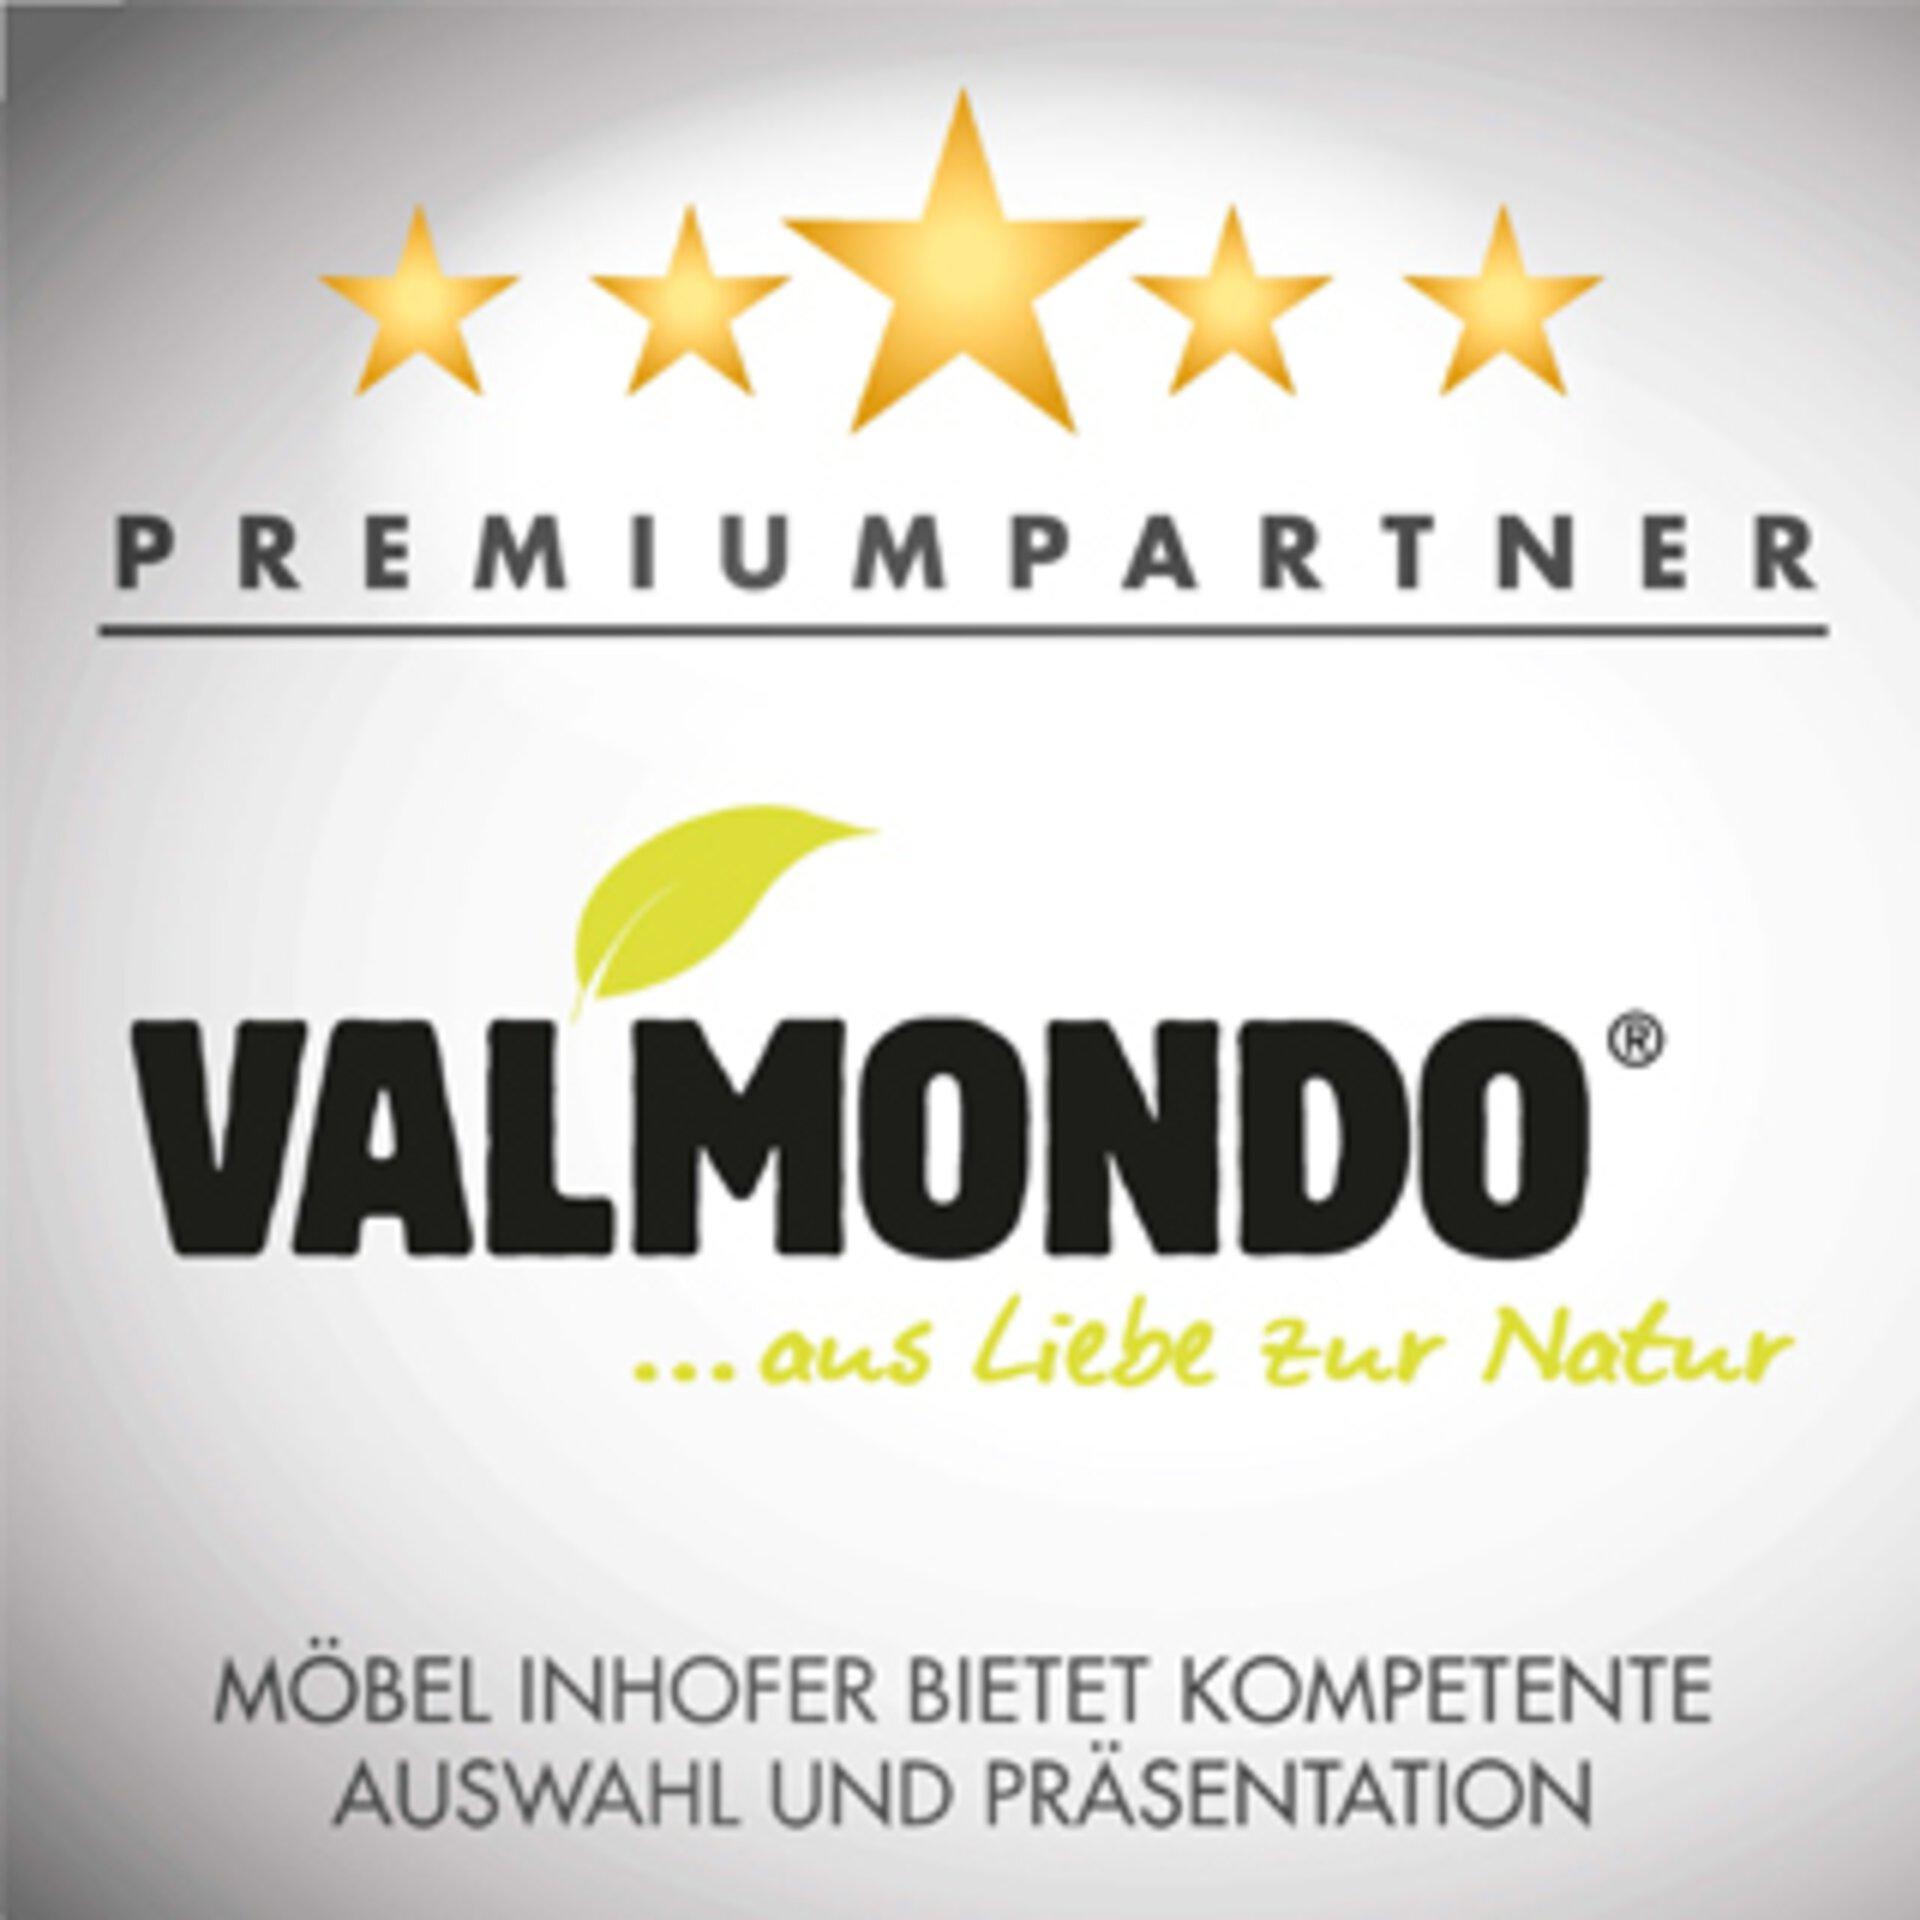 VALMONDO